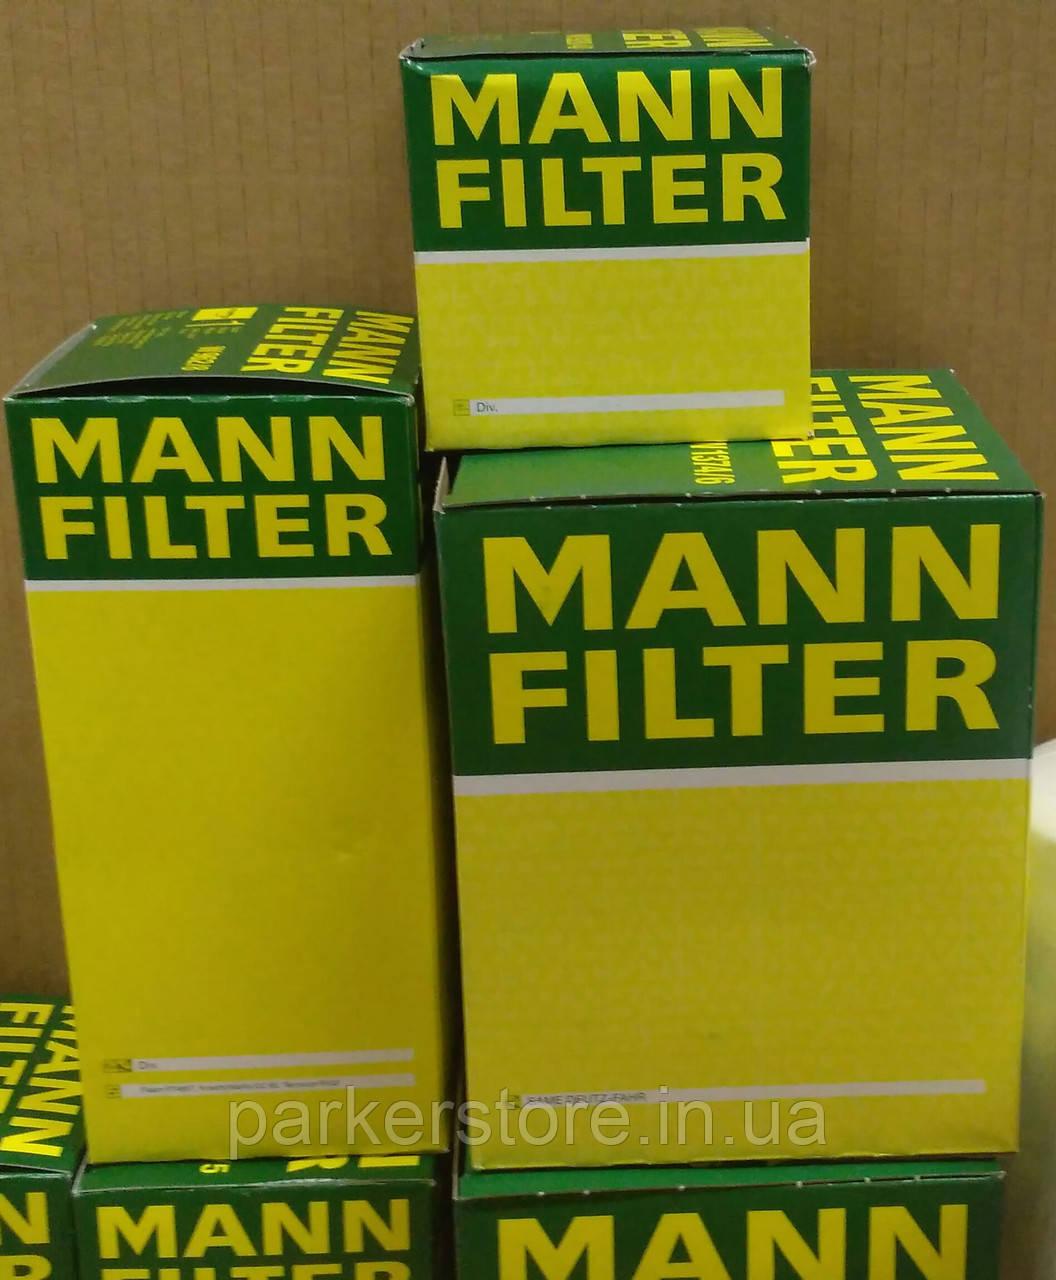 MANN FILTER / Повітряний фільтр / C 2498 / C2498